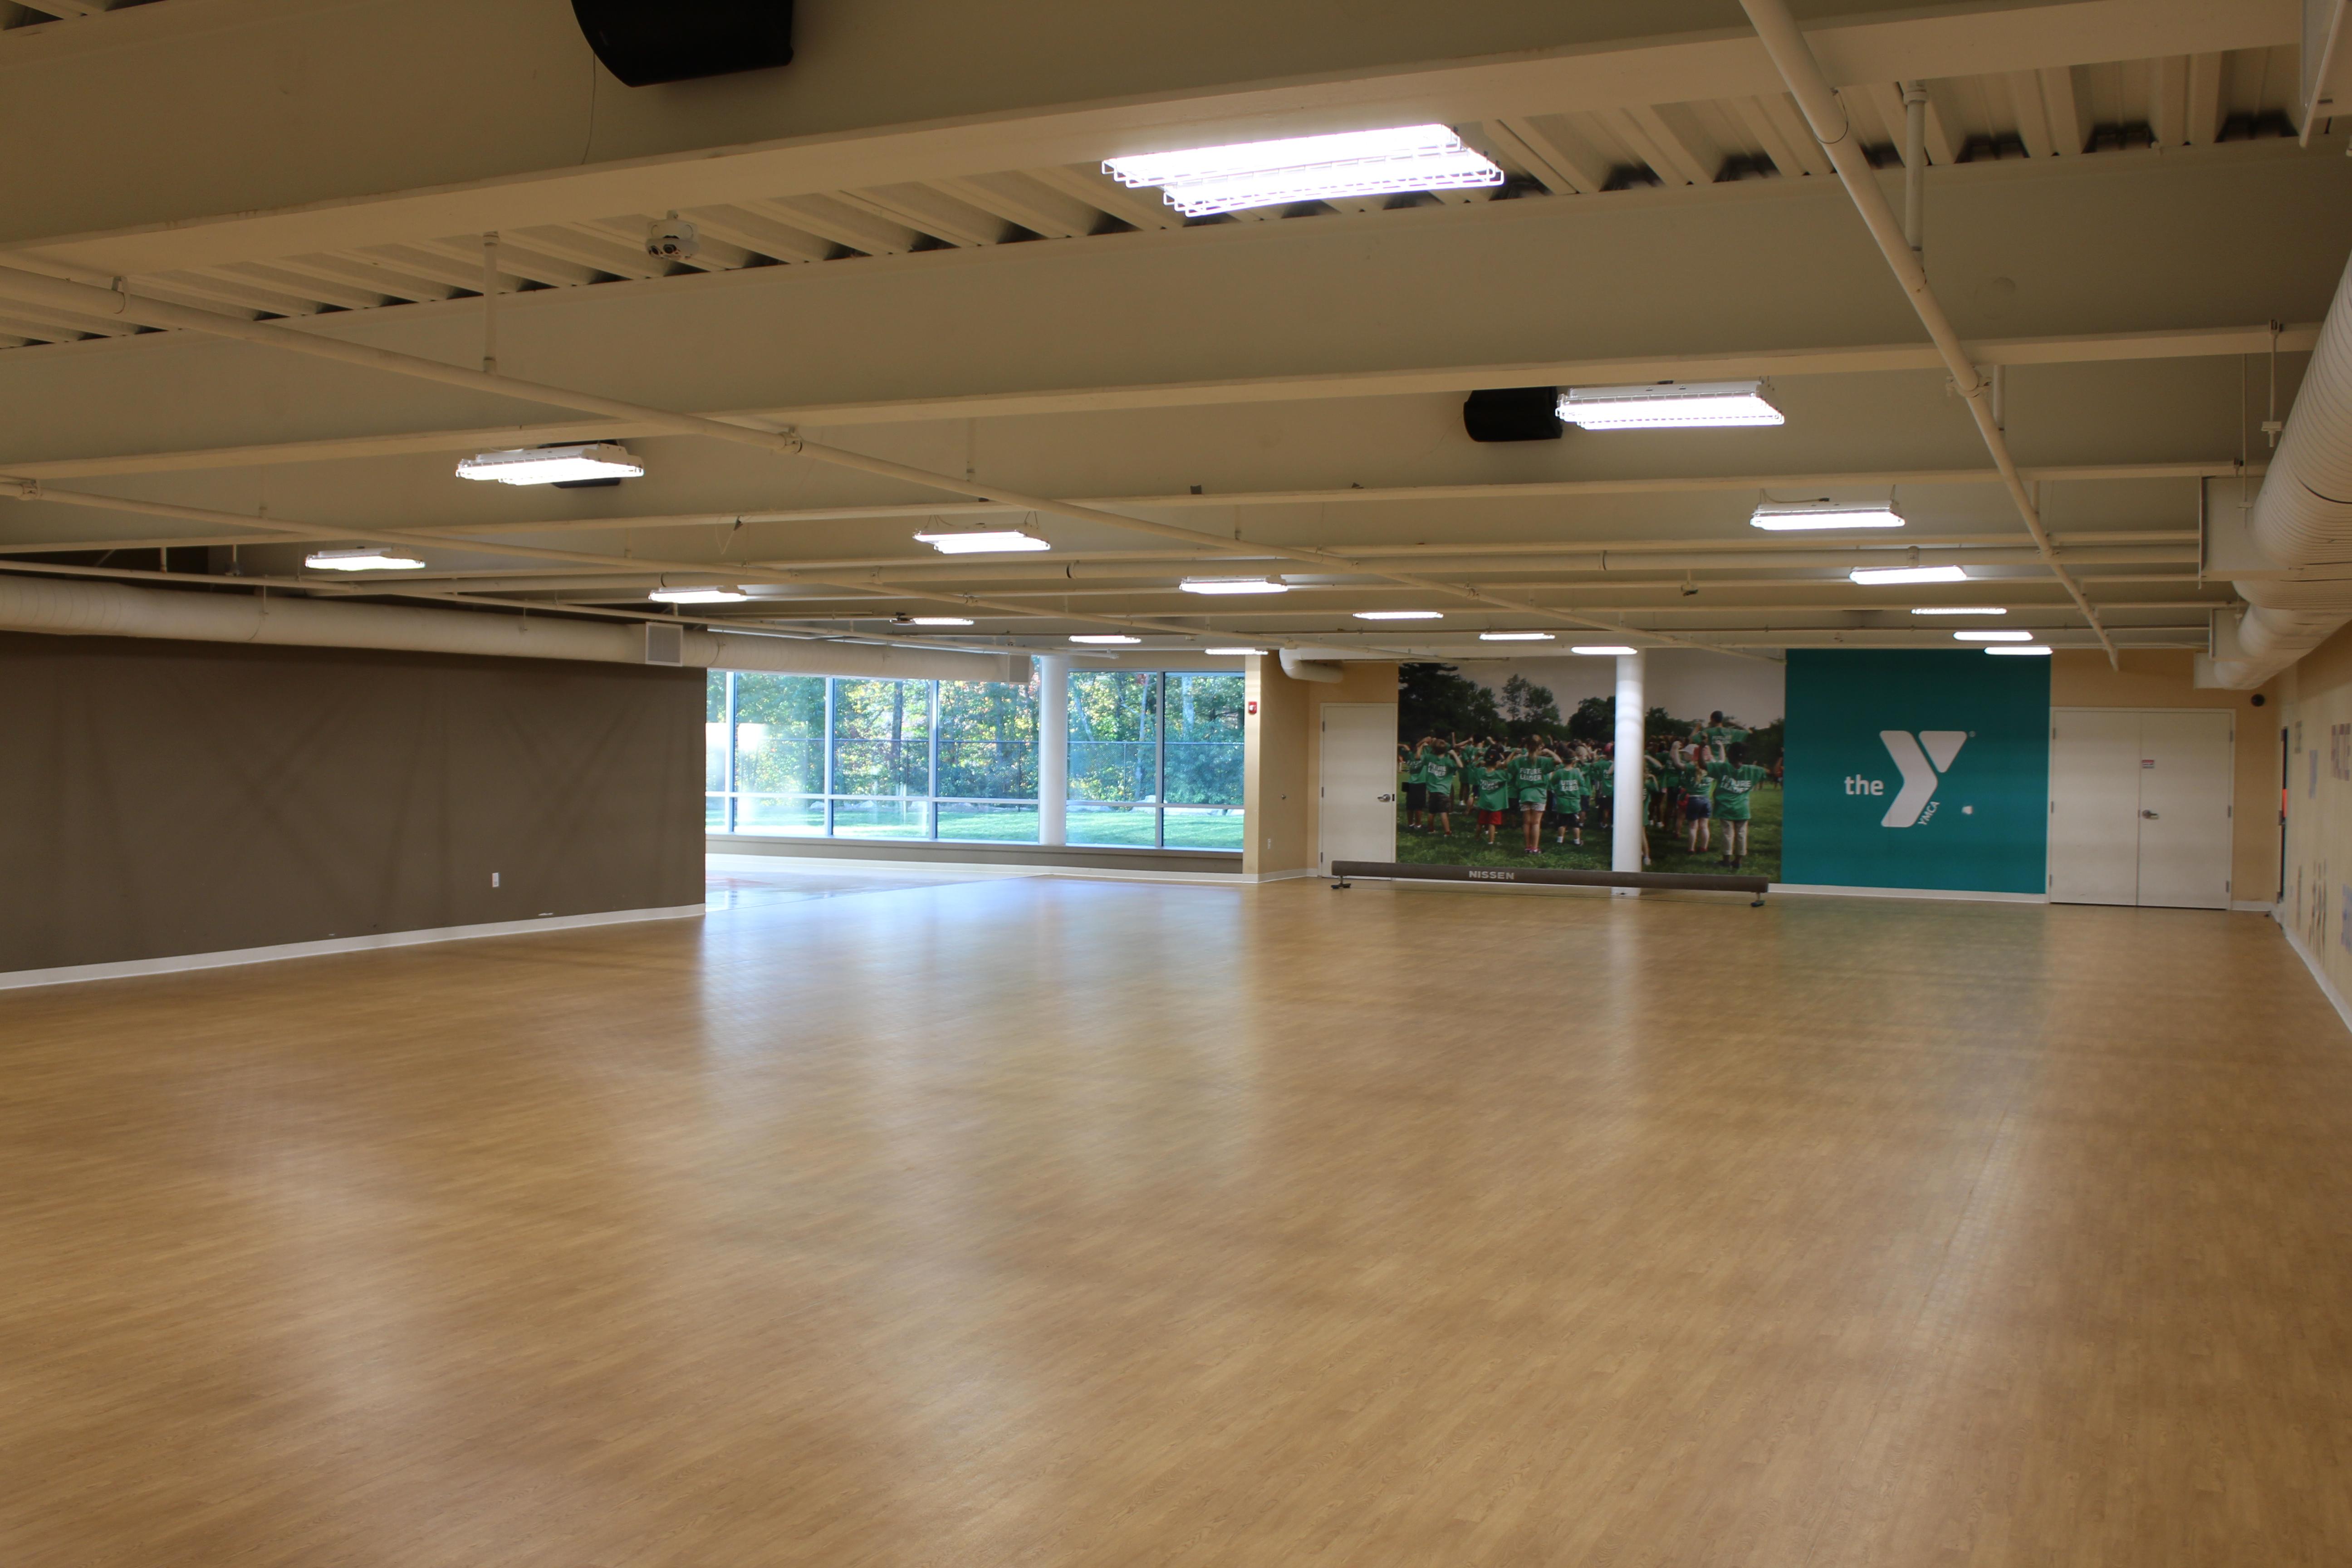 Stoughton YMCA 3